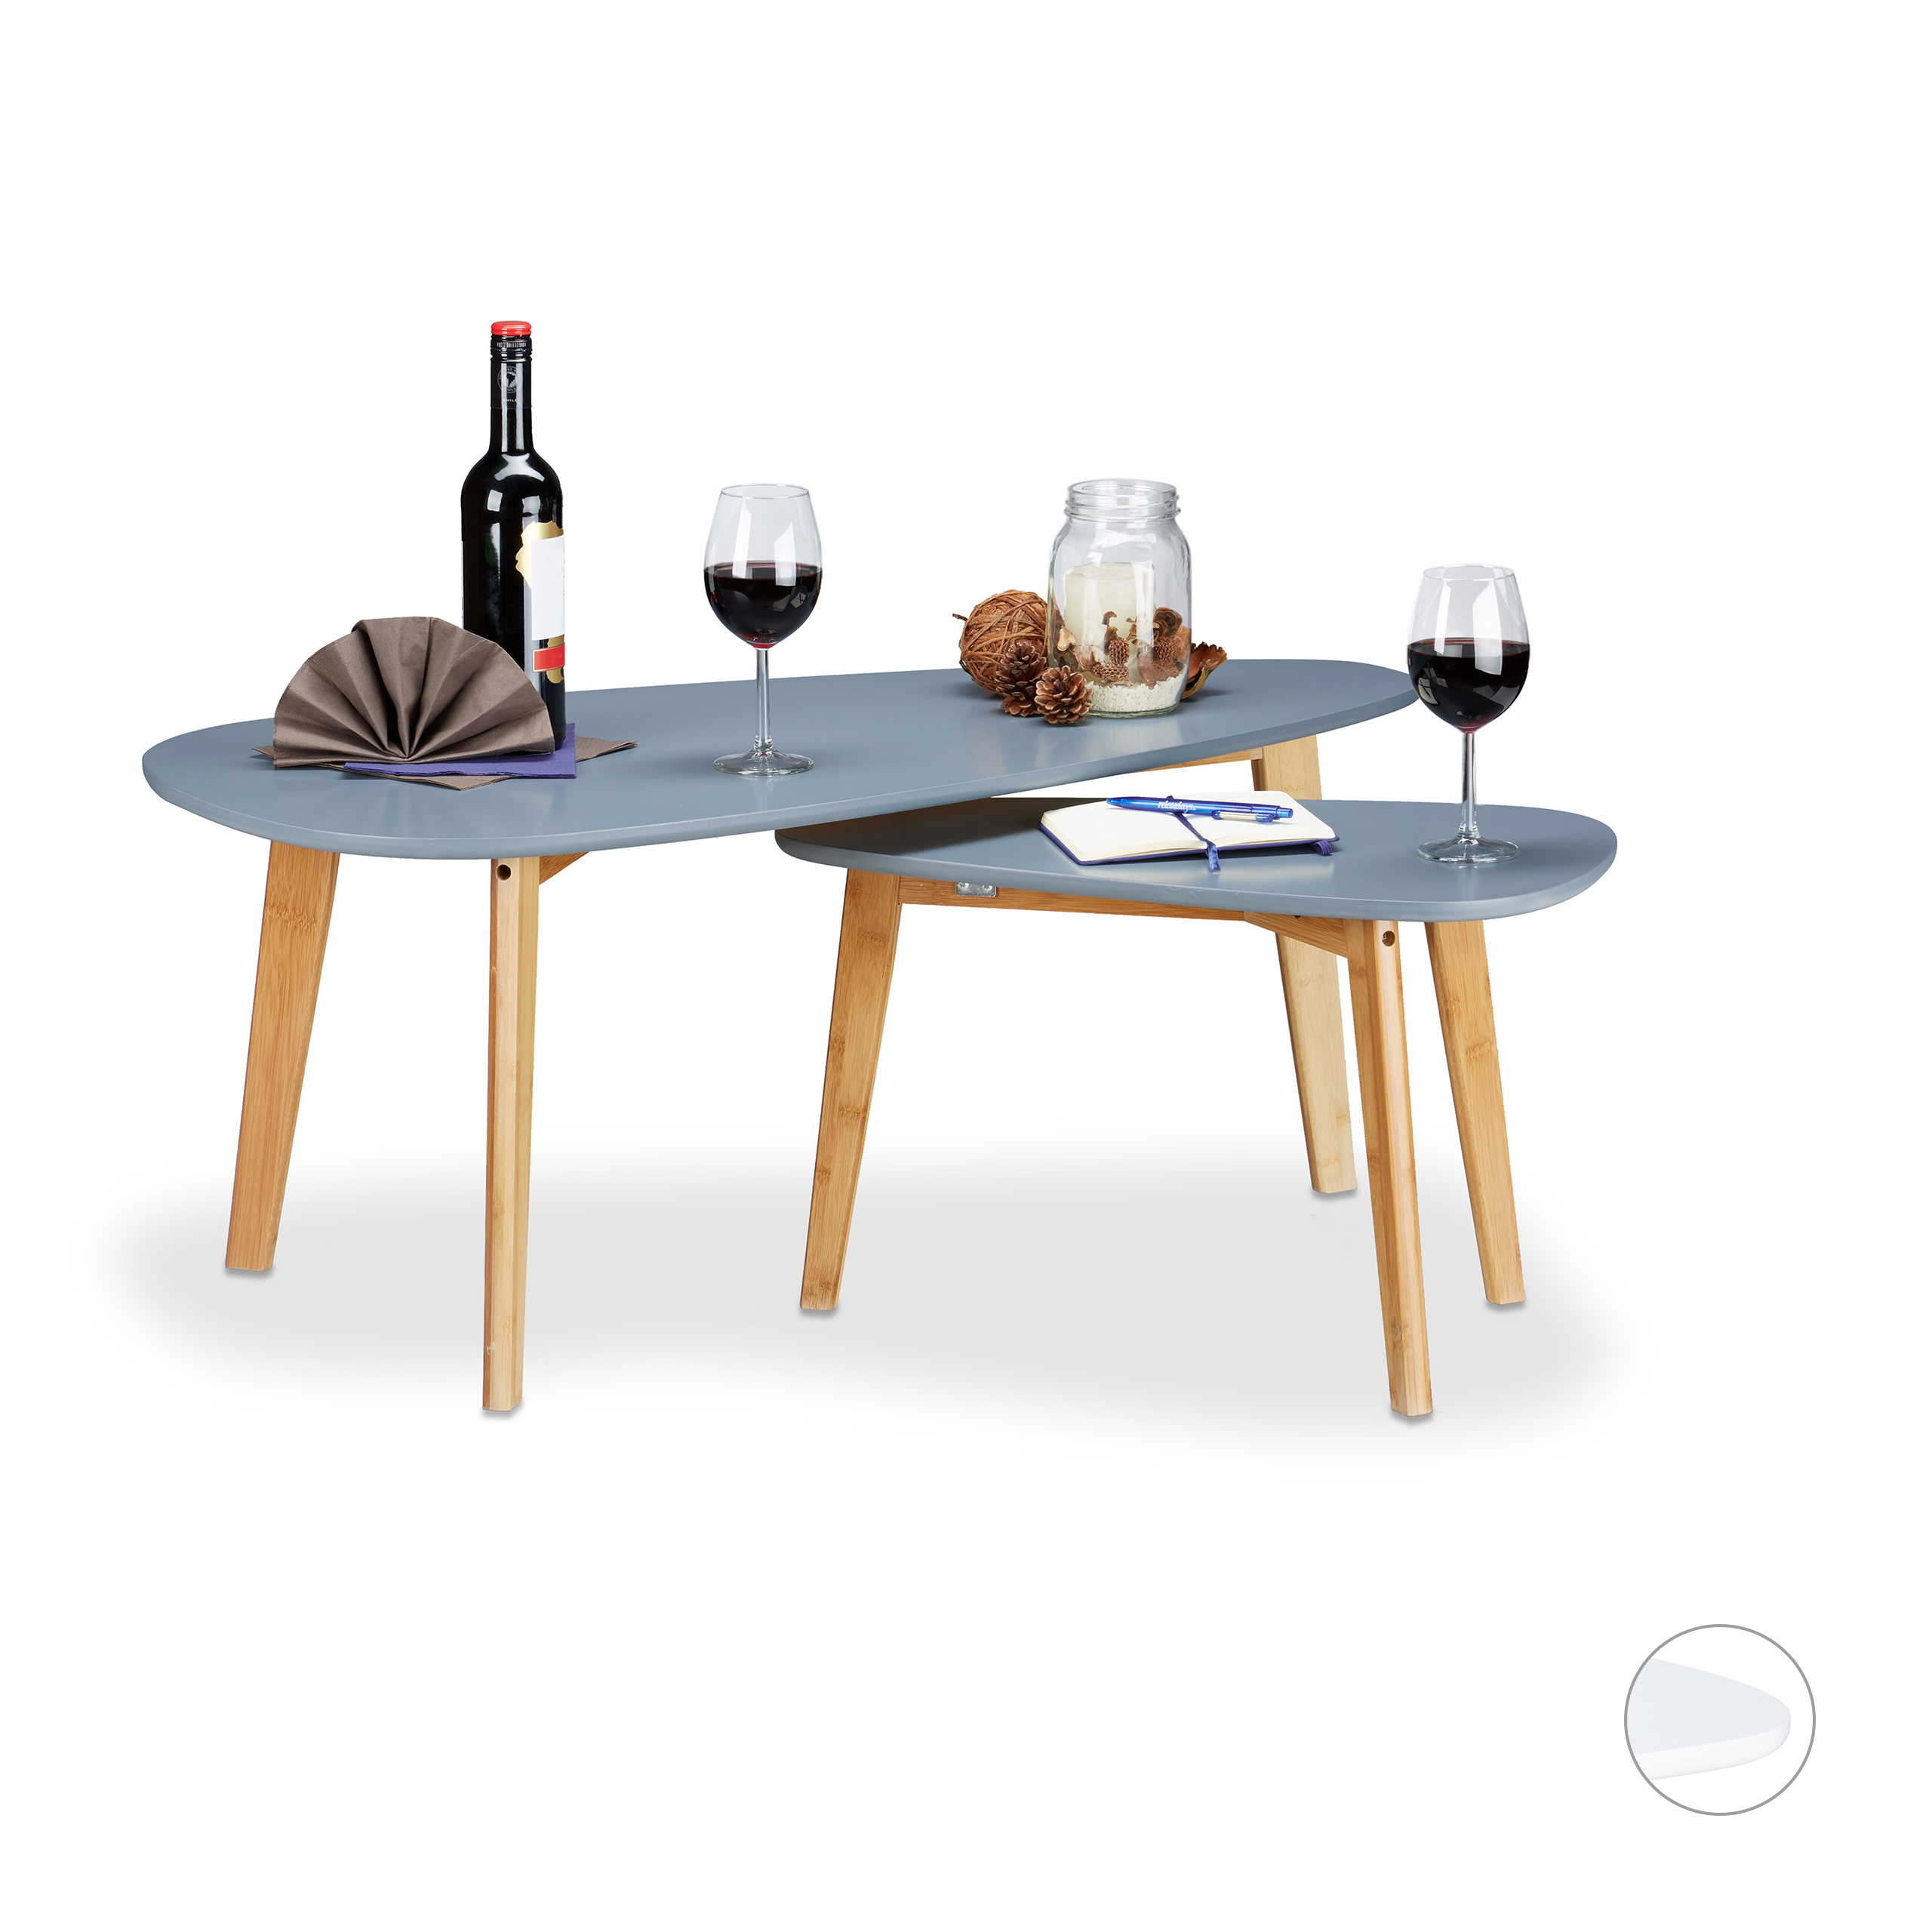 Tavoli sovrapponibili in legno, Tavolini salotto in stile nordico ...